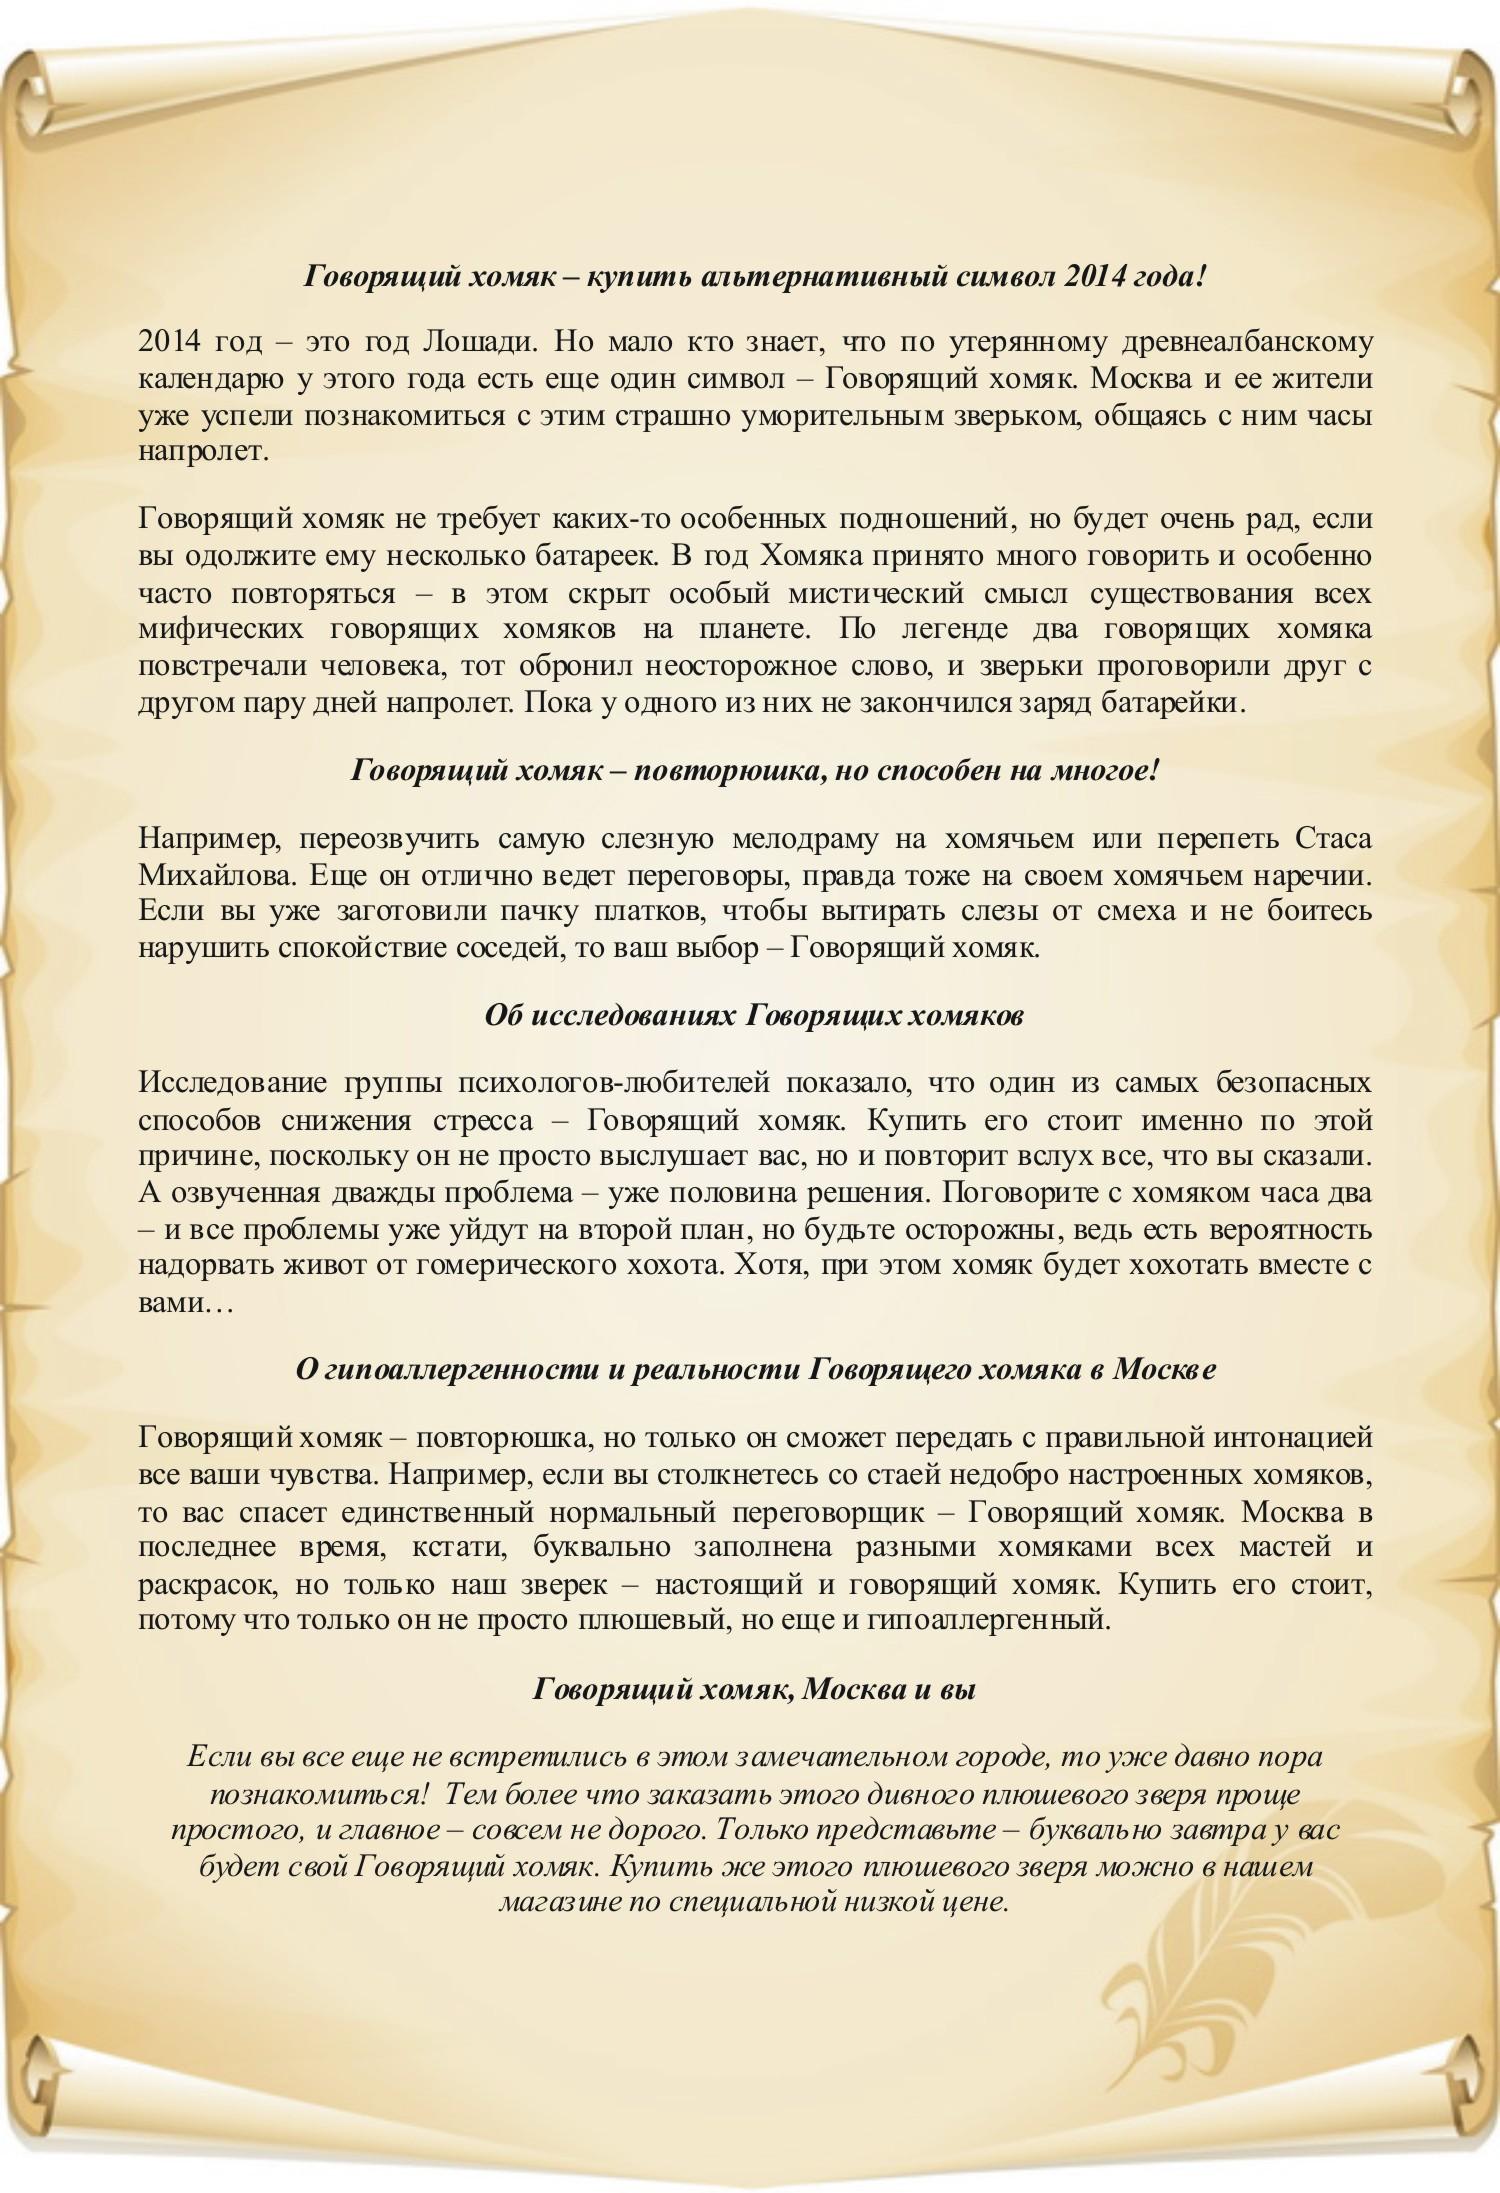 Оптимизированный текст о говорящем хомяке :)